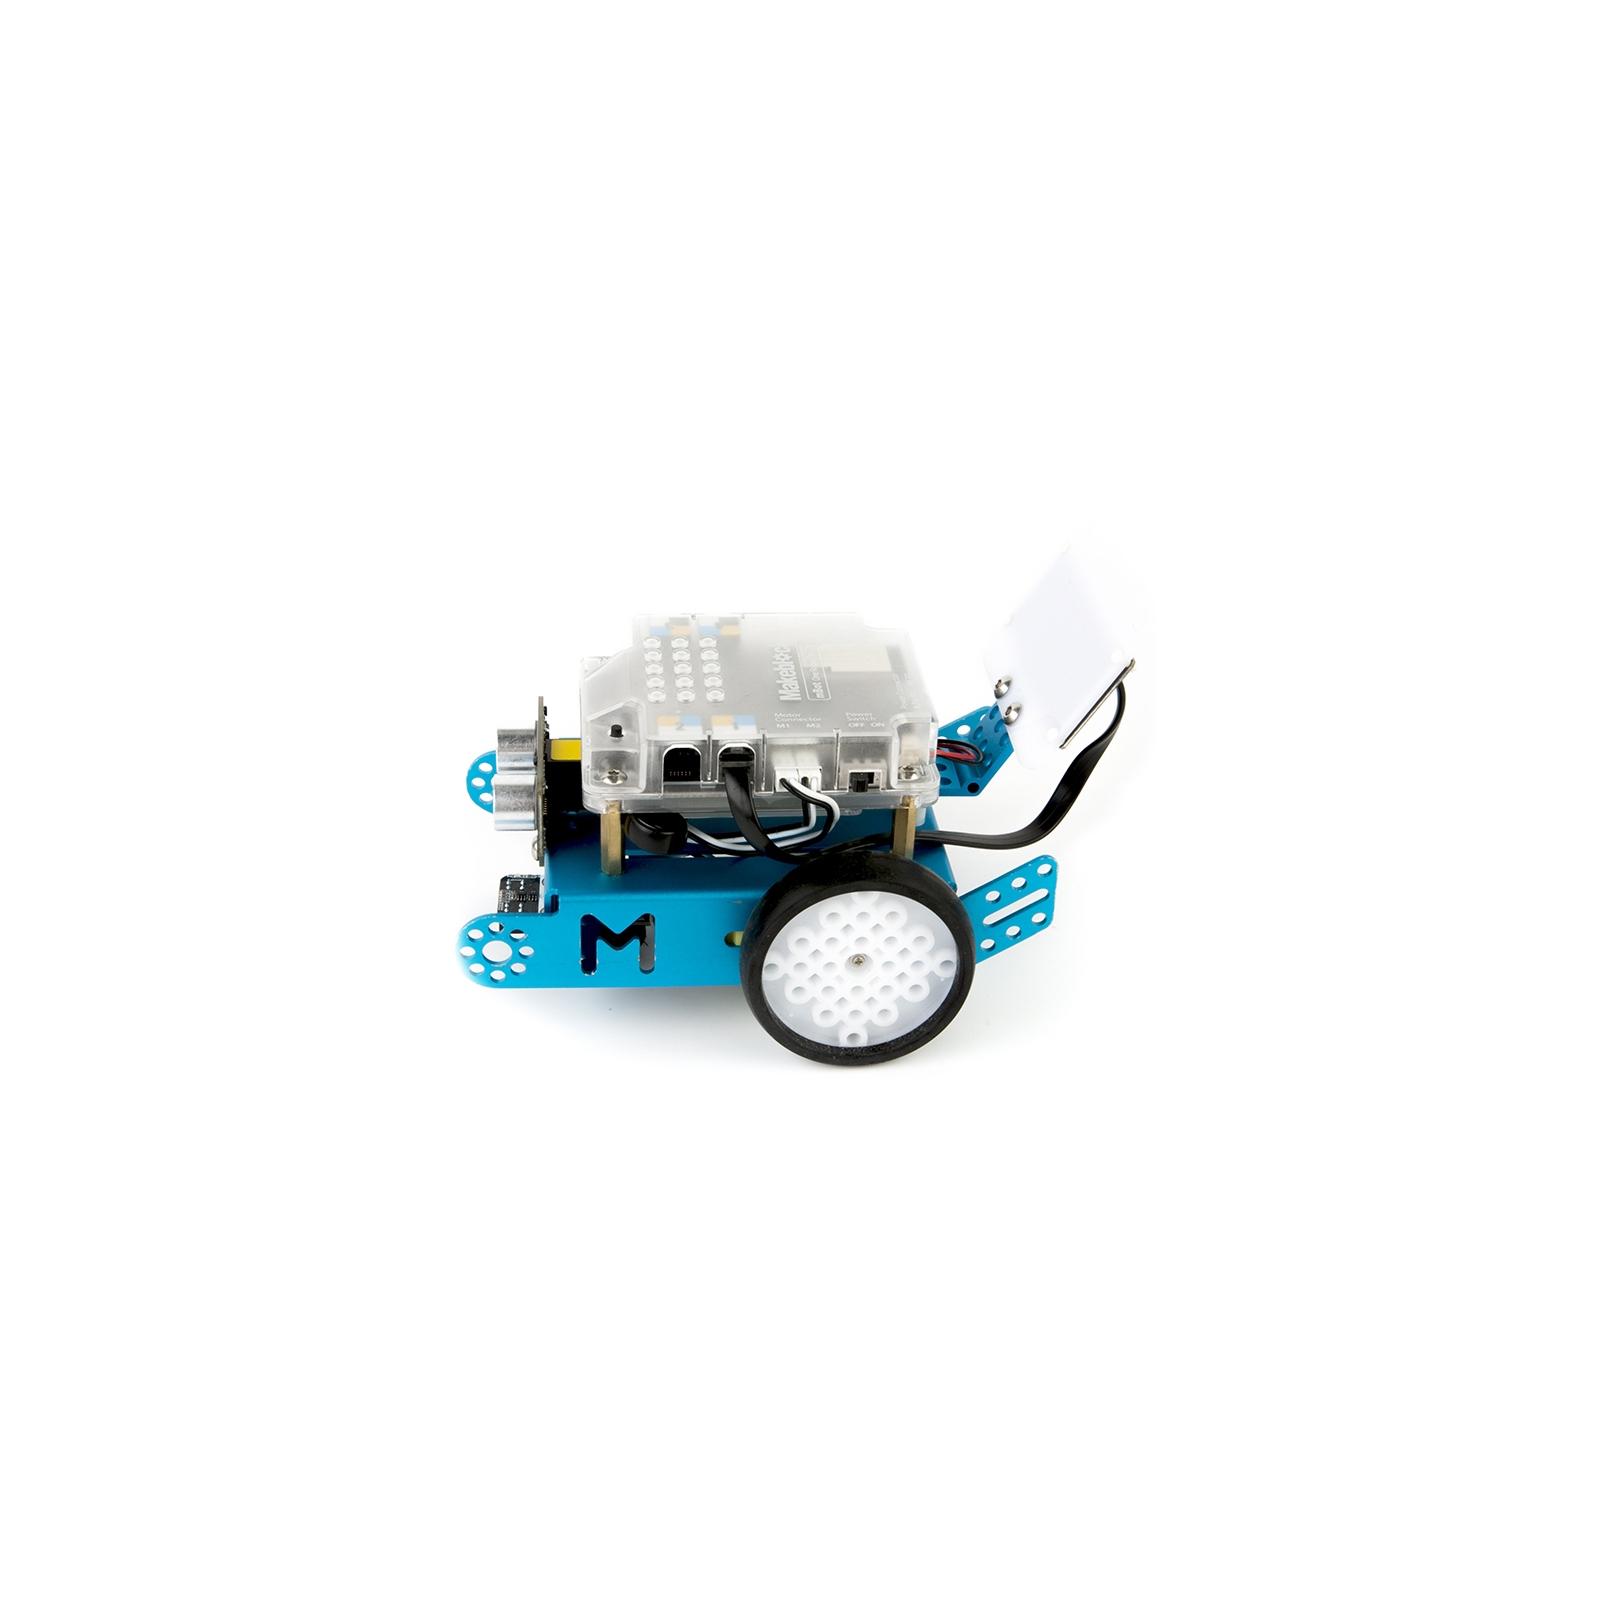 Робот Makeblock mBot S (P1010045) изображение 8